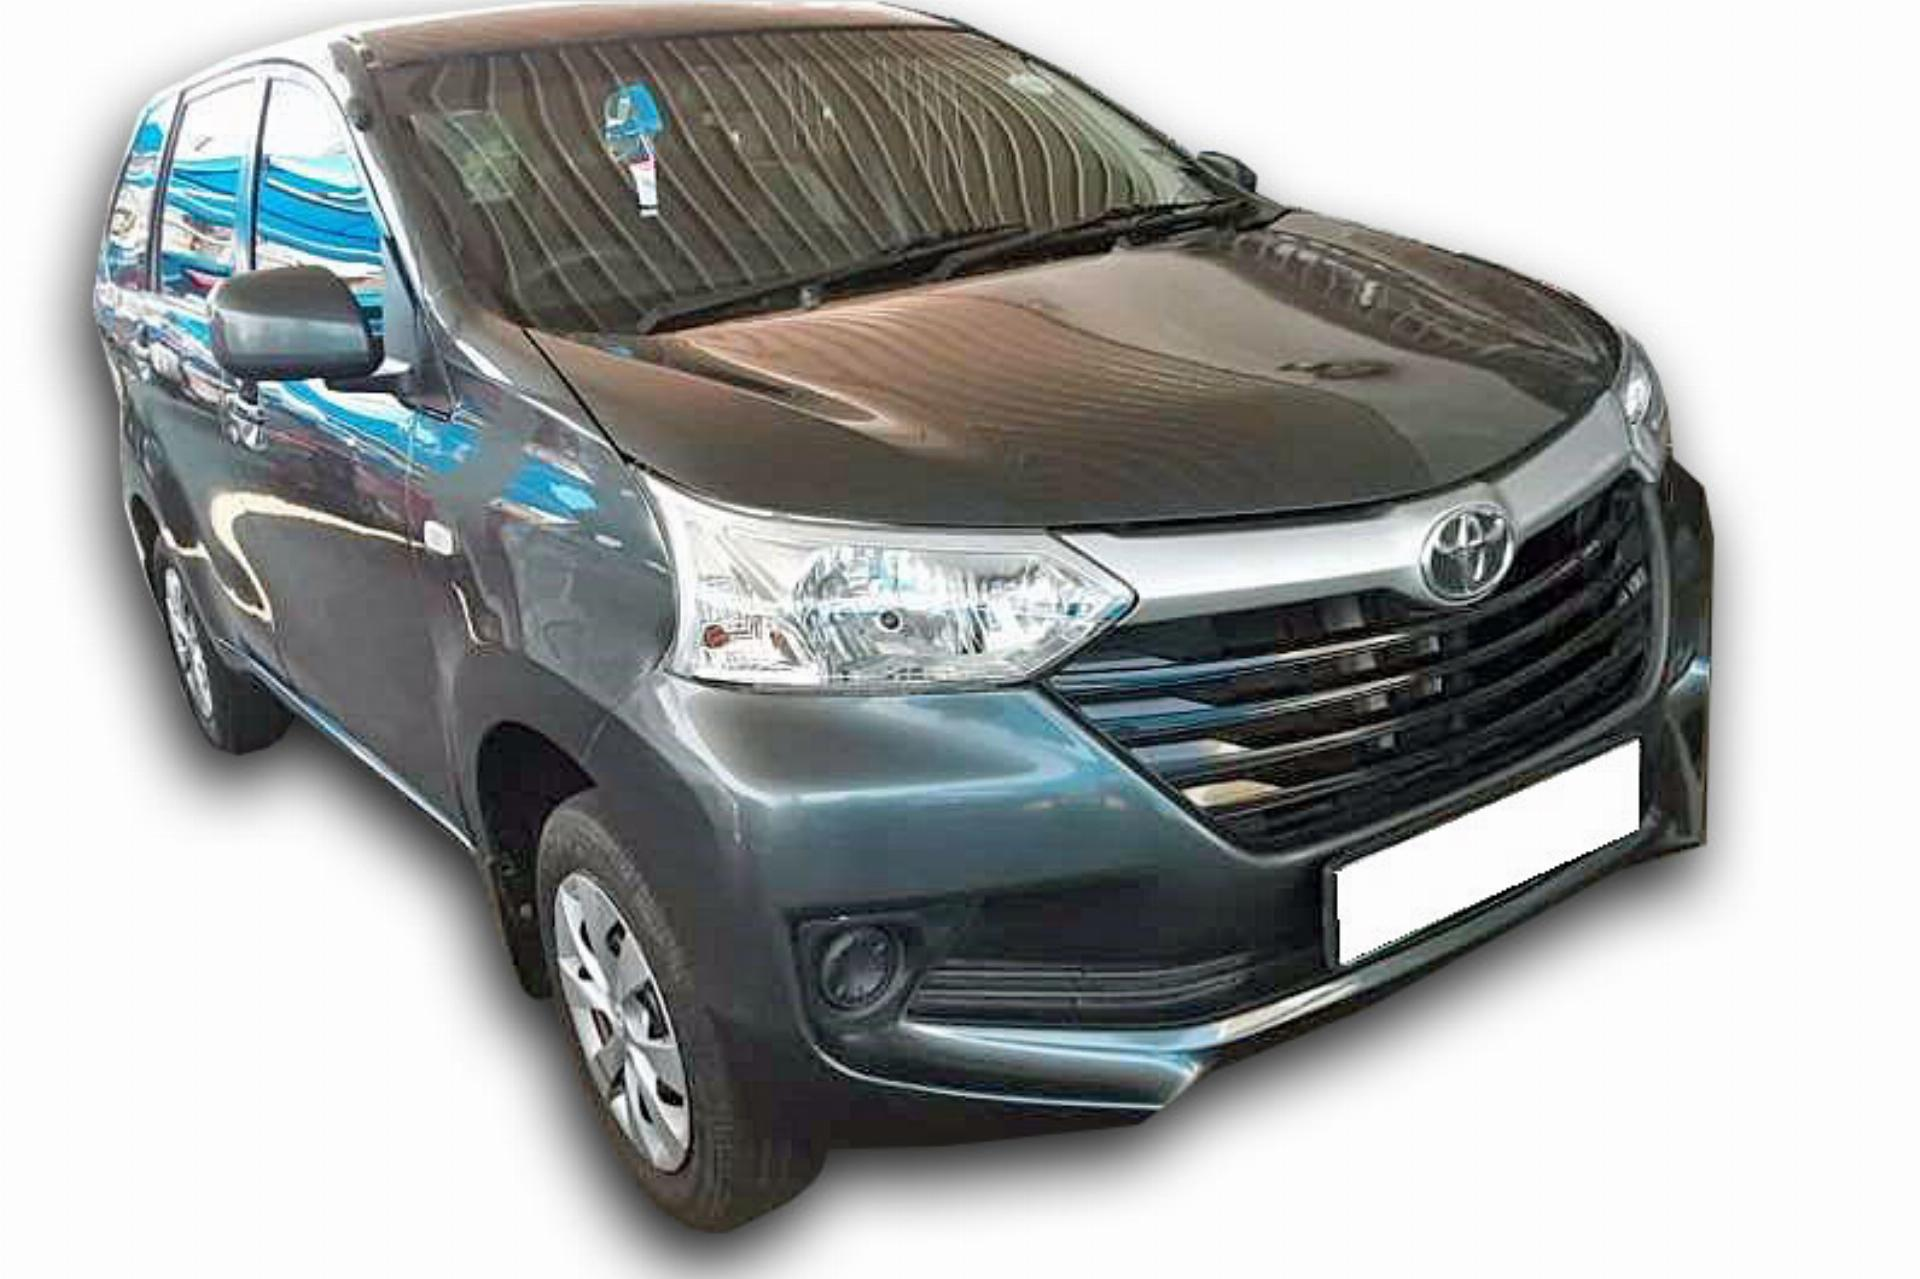 Kelebihan Kekurangan Toyota Avanza 2015 Top Model Tahun Ini